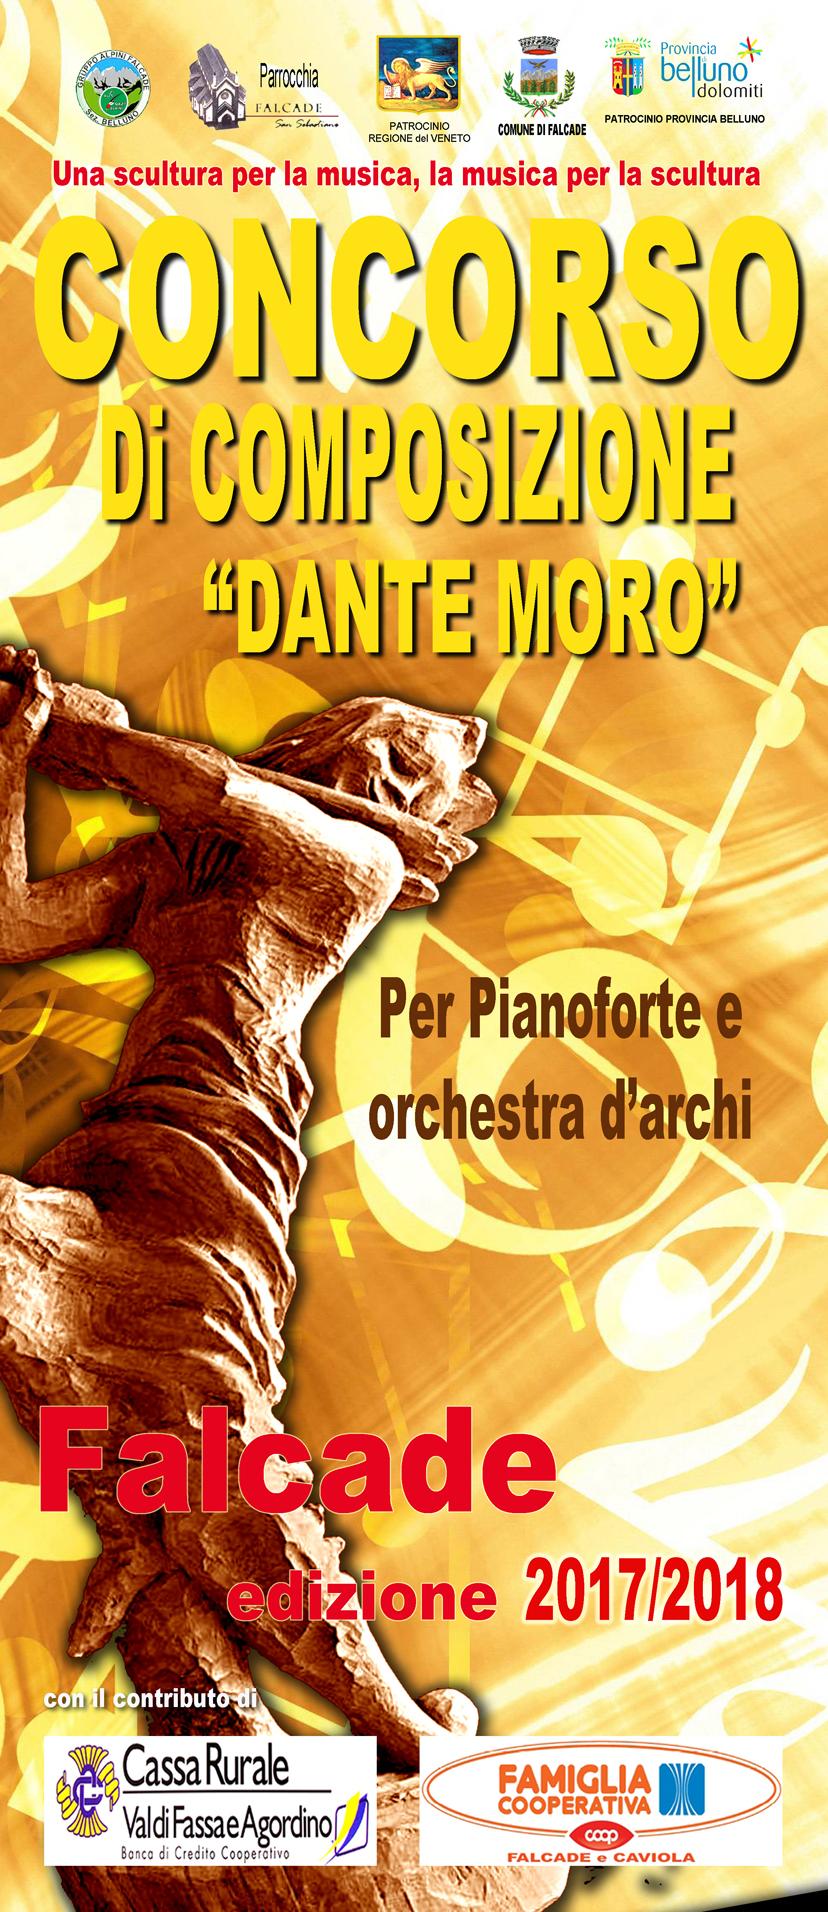 """Concorso internazionale di composizione """"Dante Moro"""""""